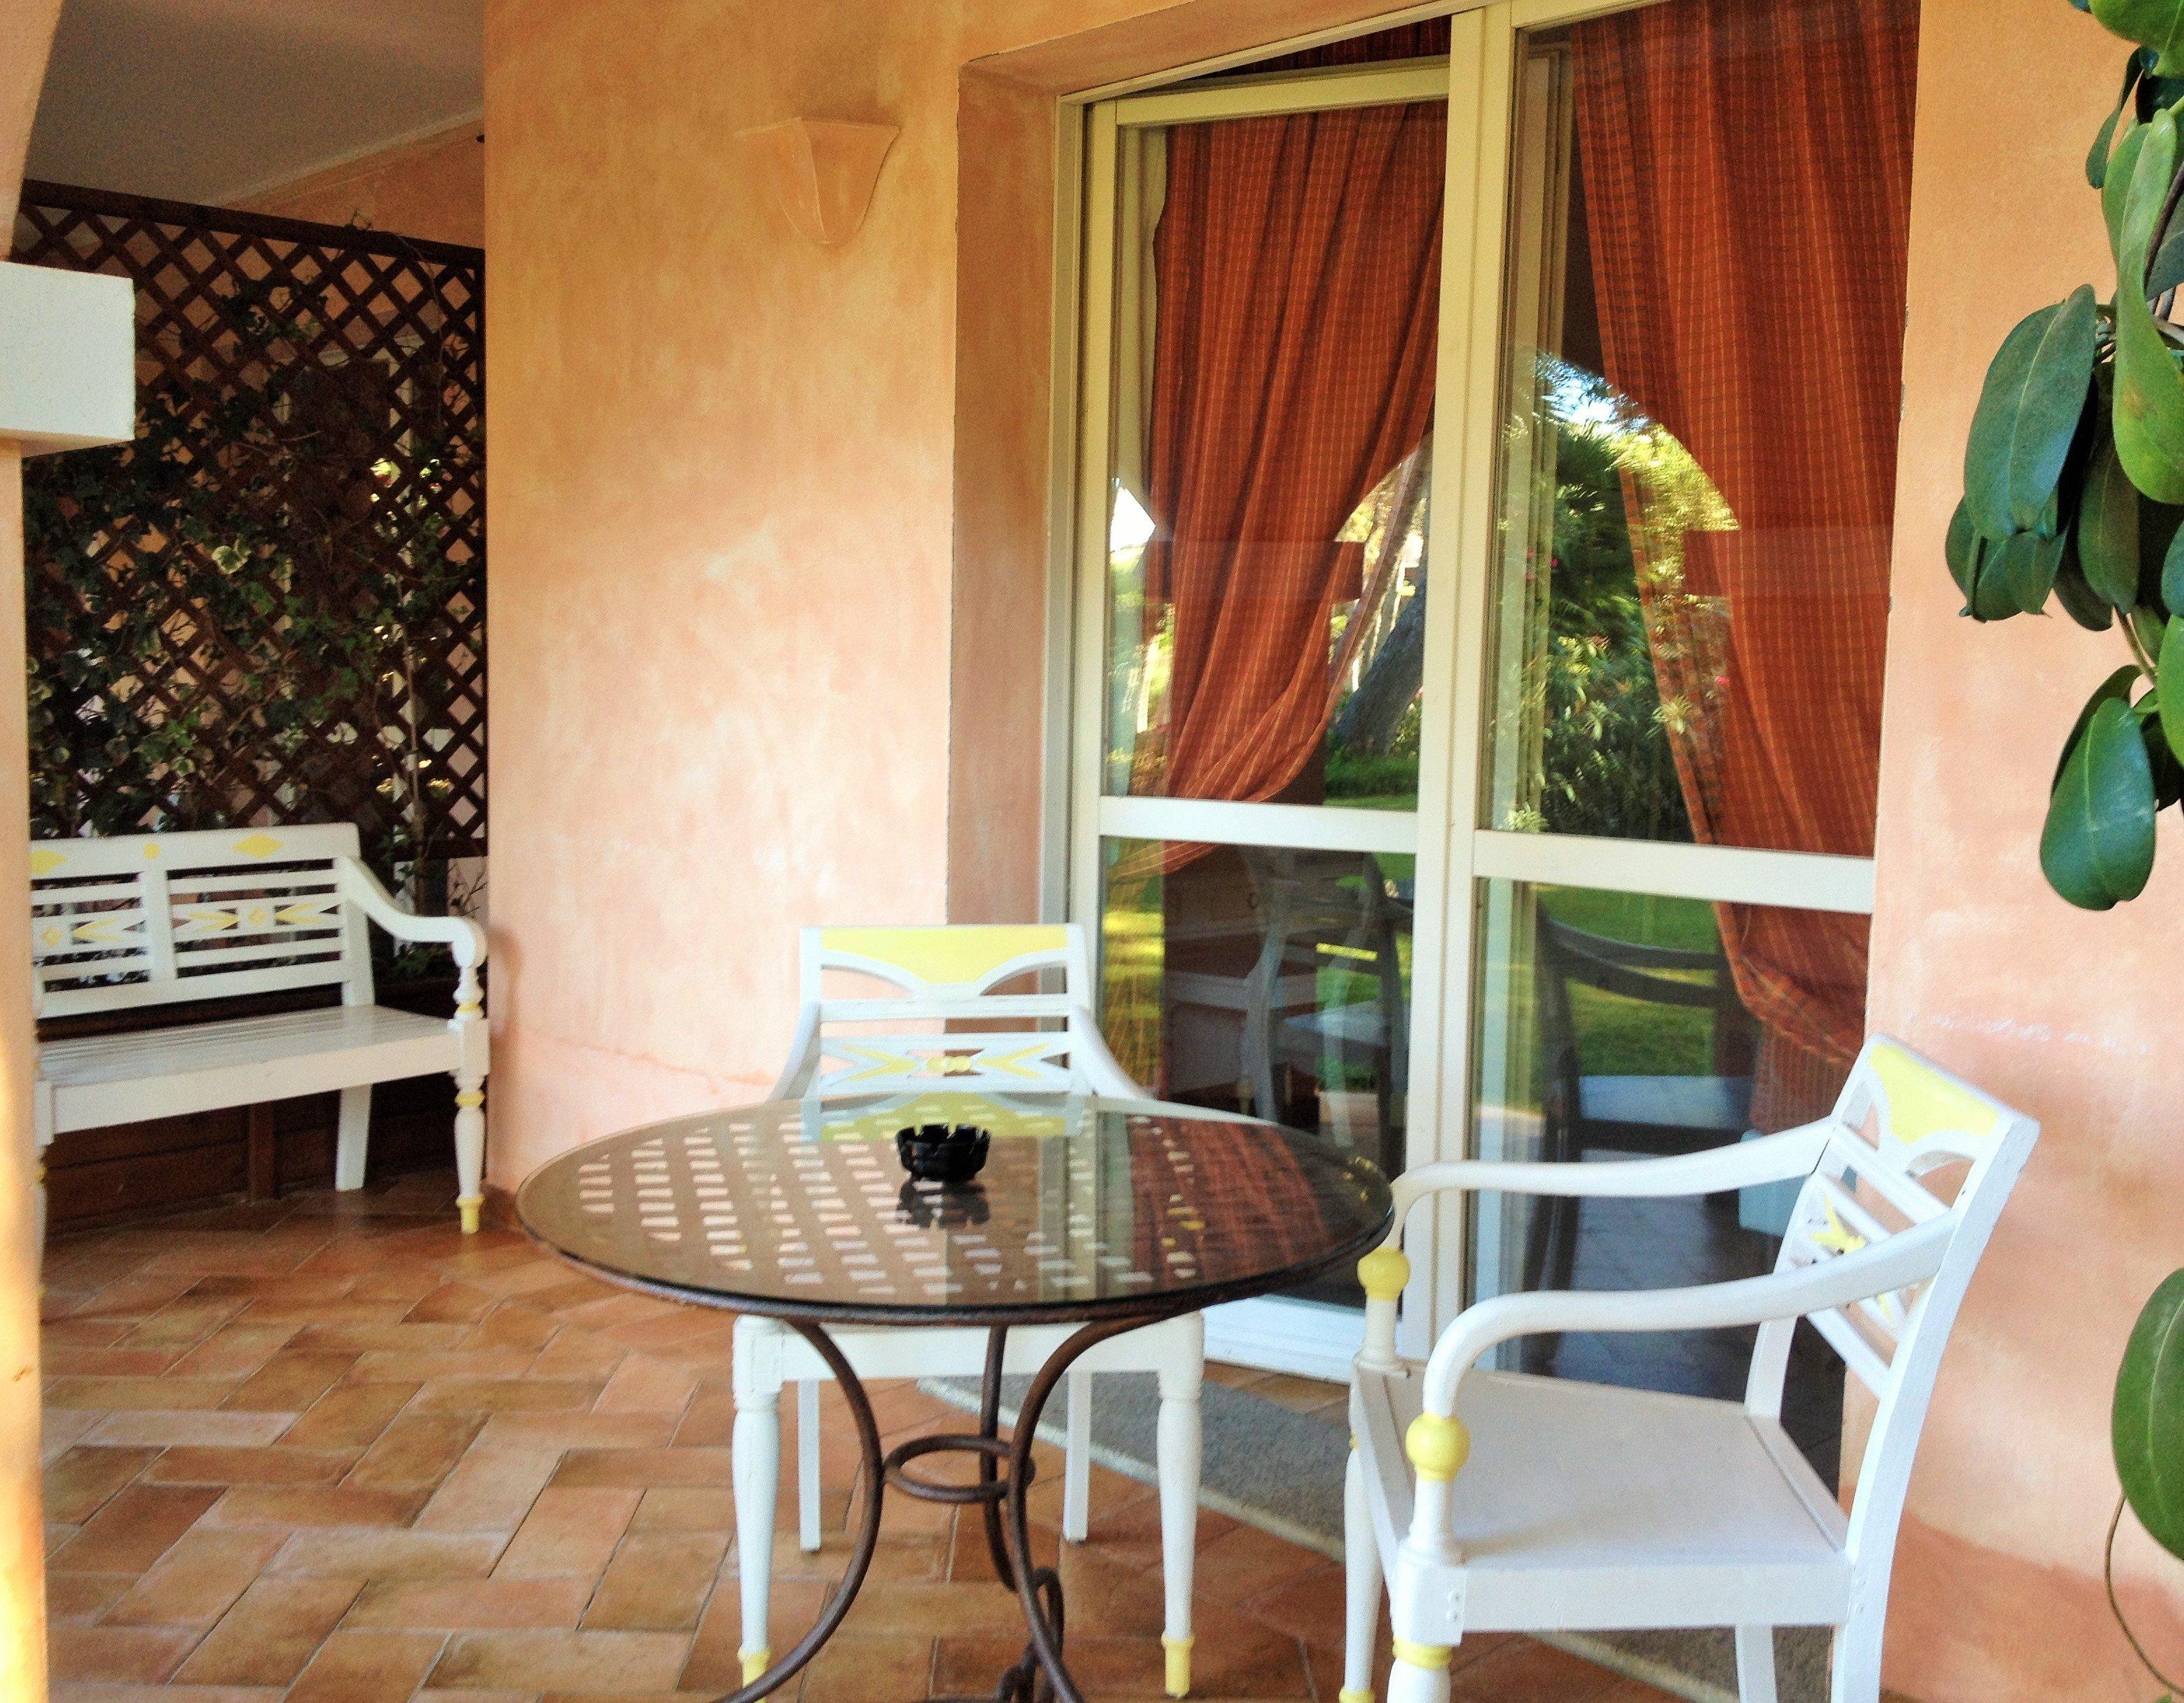 Prices 1komn apartment in Villasimius